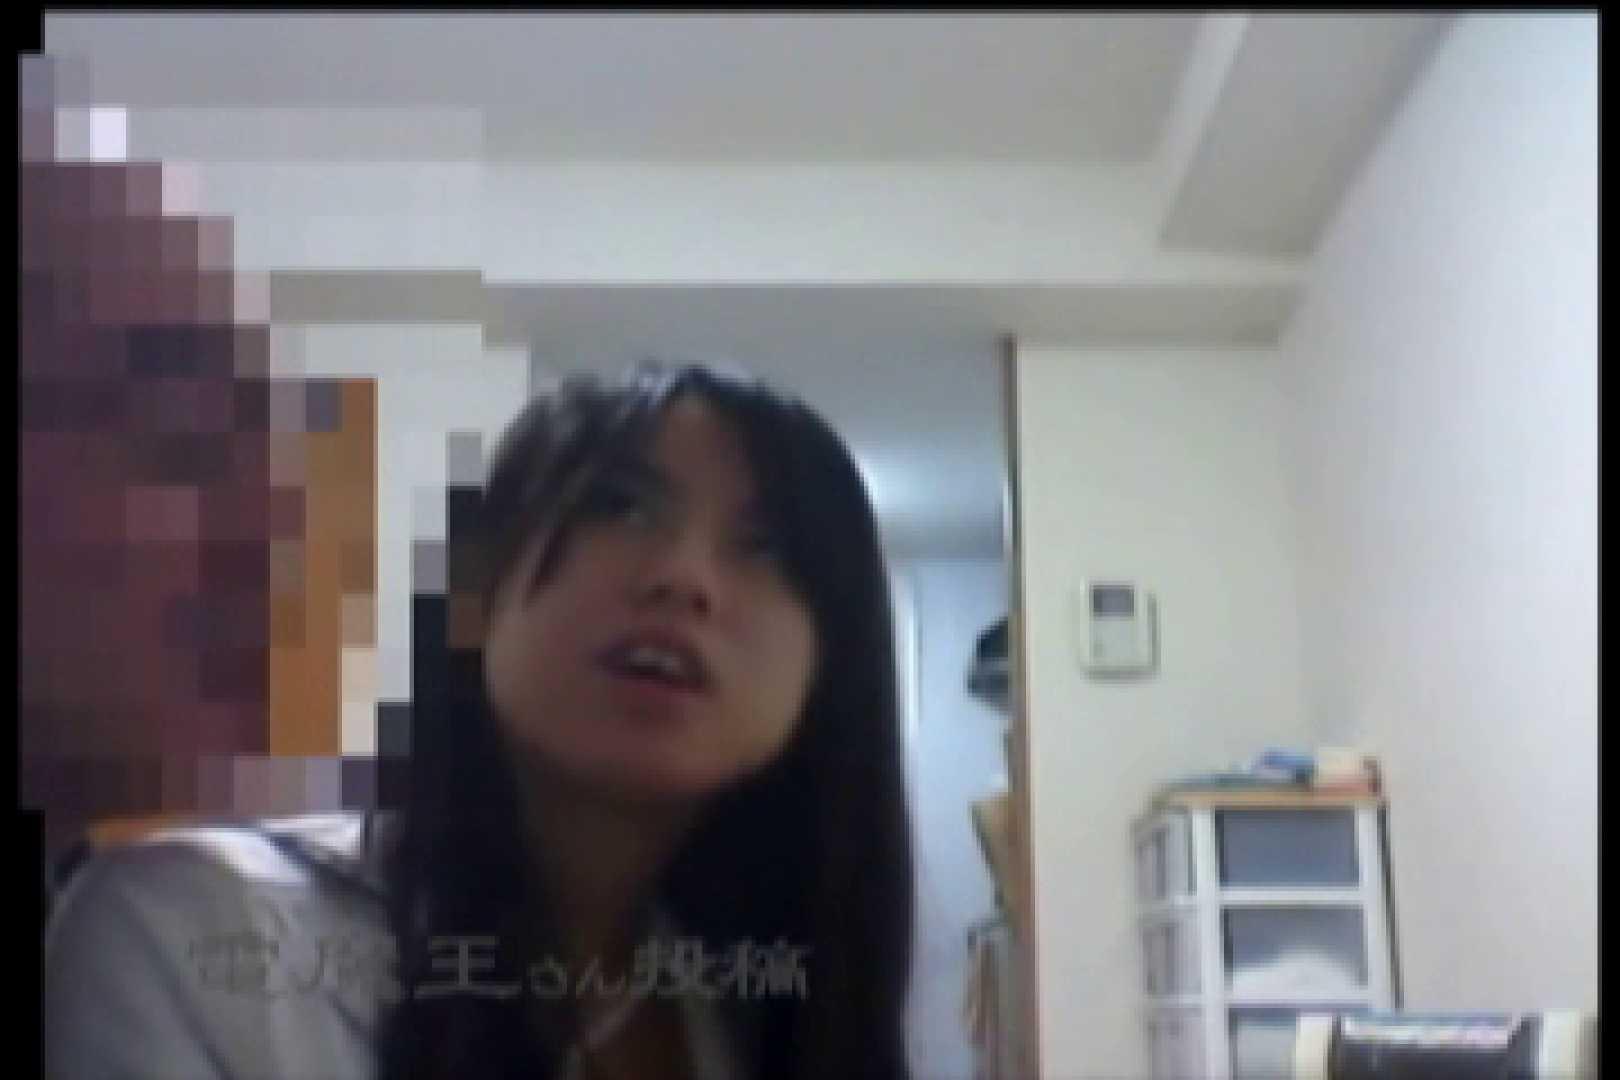 電魔王さんの「隠撮の部屋」ミーナ 0  110pic 74